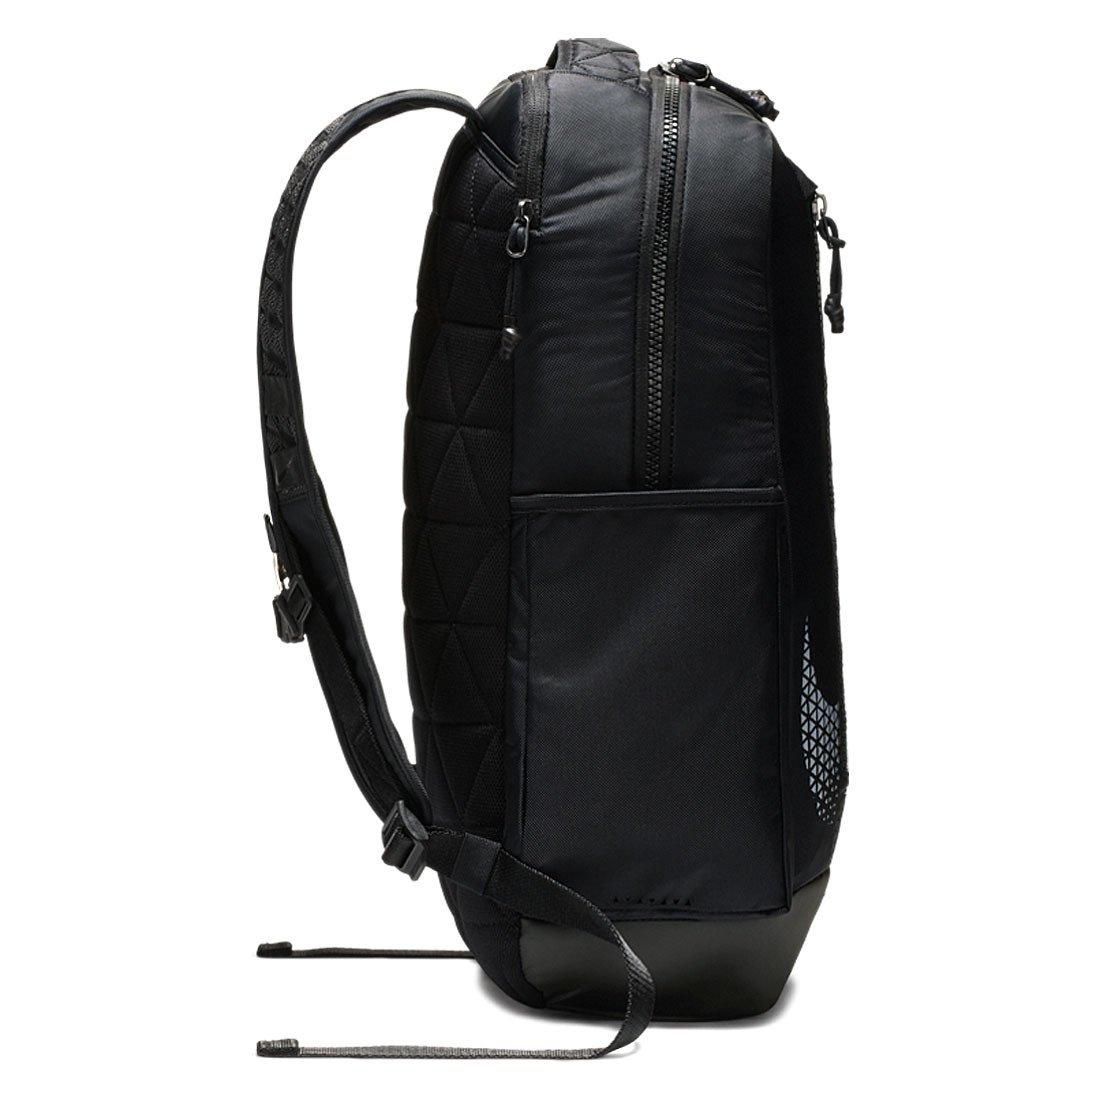 45ca94c63bfeb Czarny plecak szkolny Nike Vapor Power BA5782-010 | Sklep Butyzakupy.pl